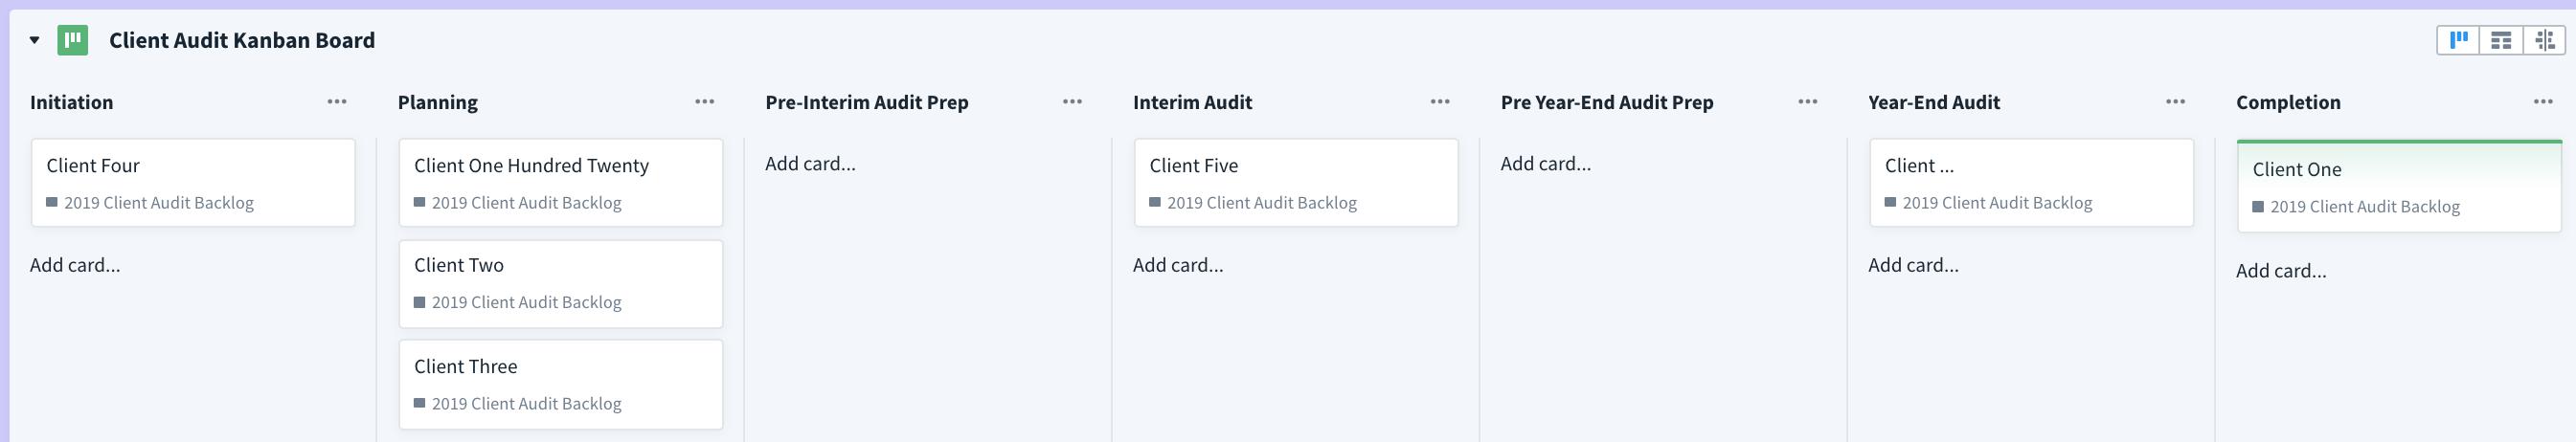 Client audit kanban board